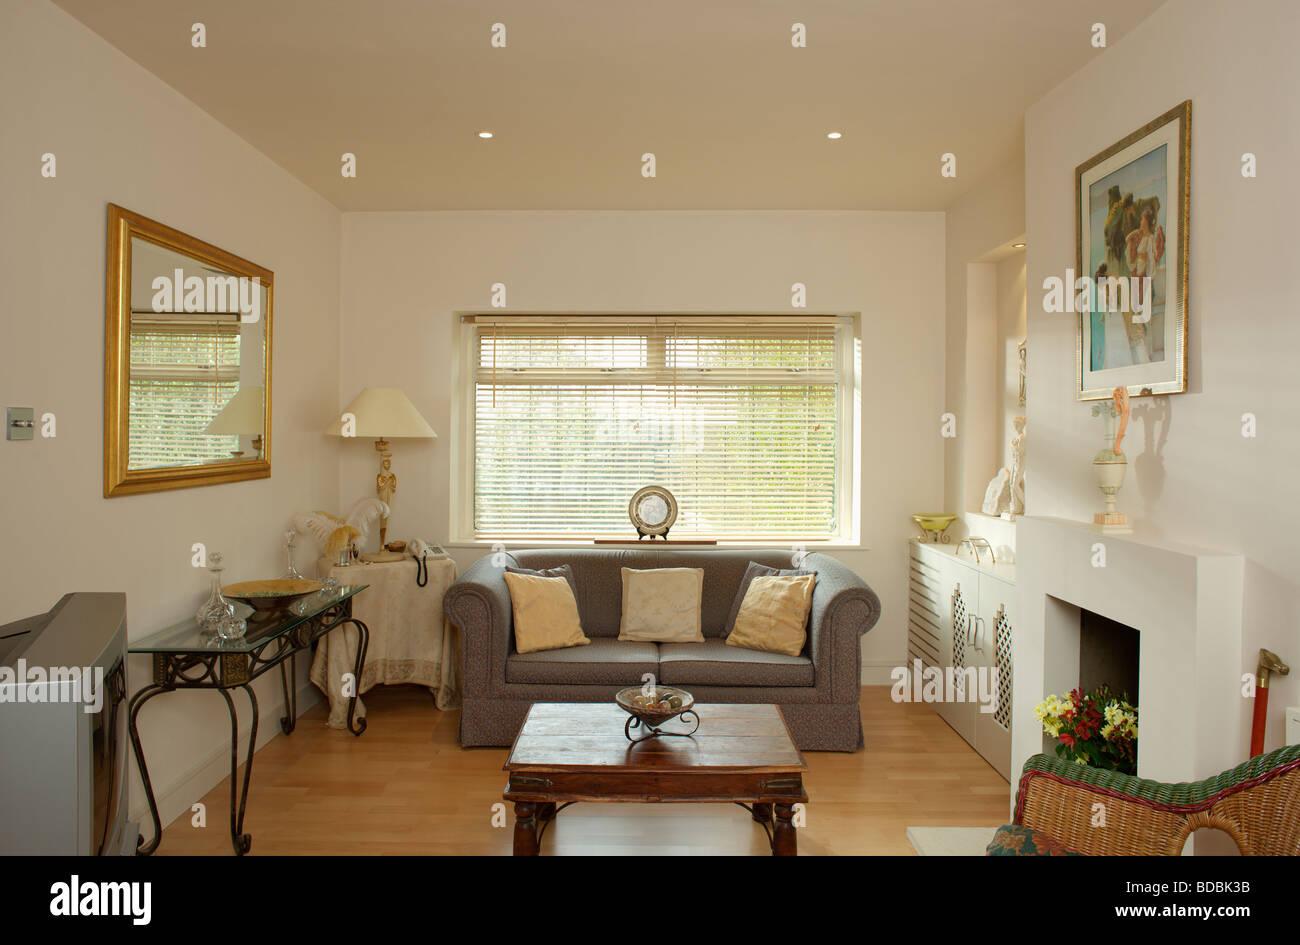 Split Cane Blind Auf Fenster Oben Grau Sofa Im Modernen Creme Wohnzimmer